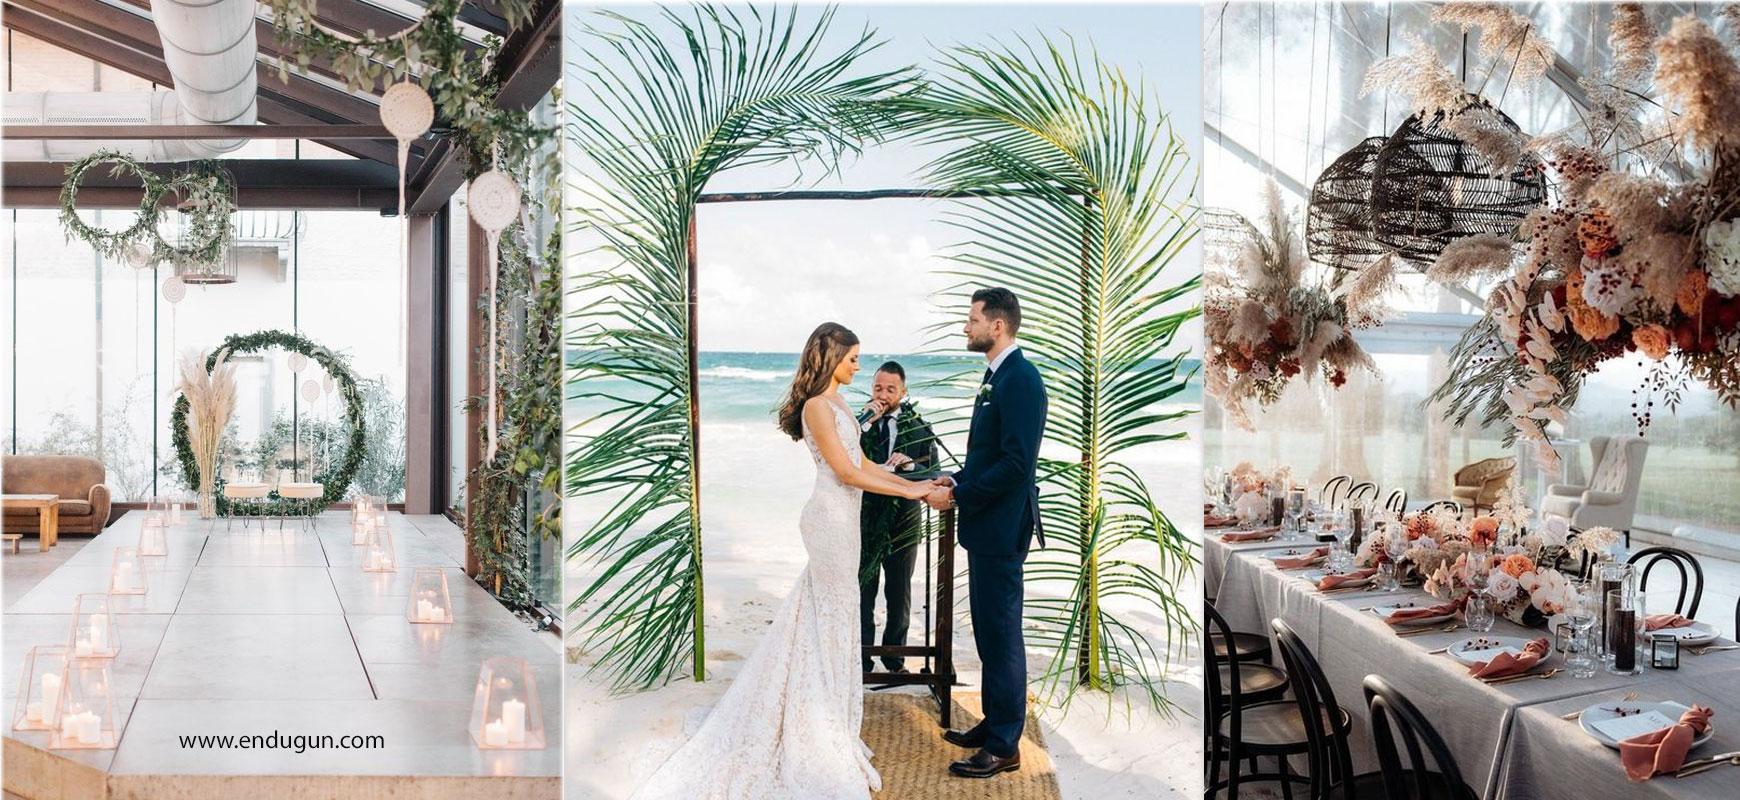 2019 Yılı Düğün Organizasyon Trendi